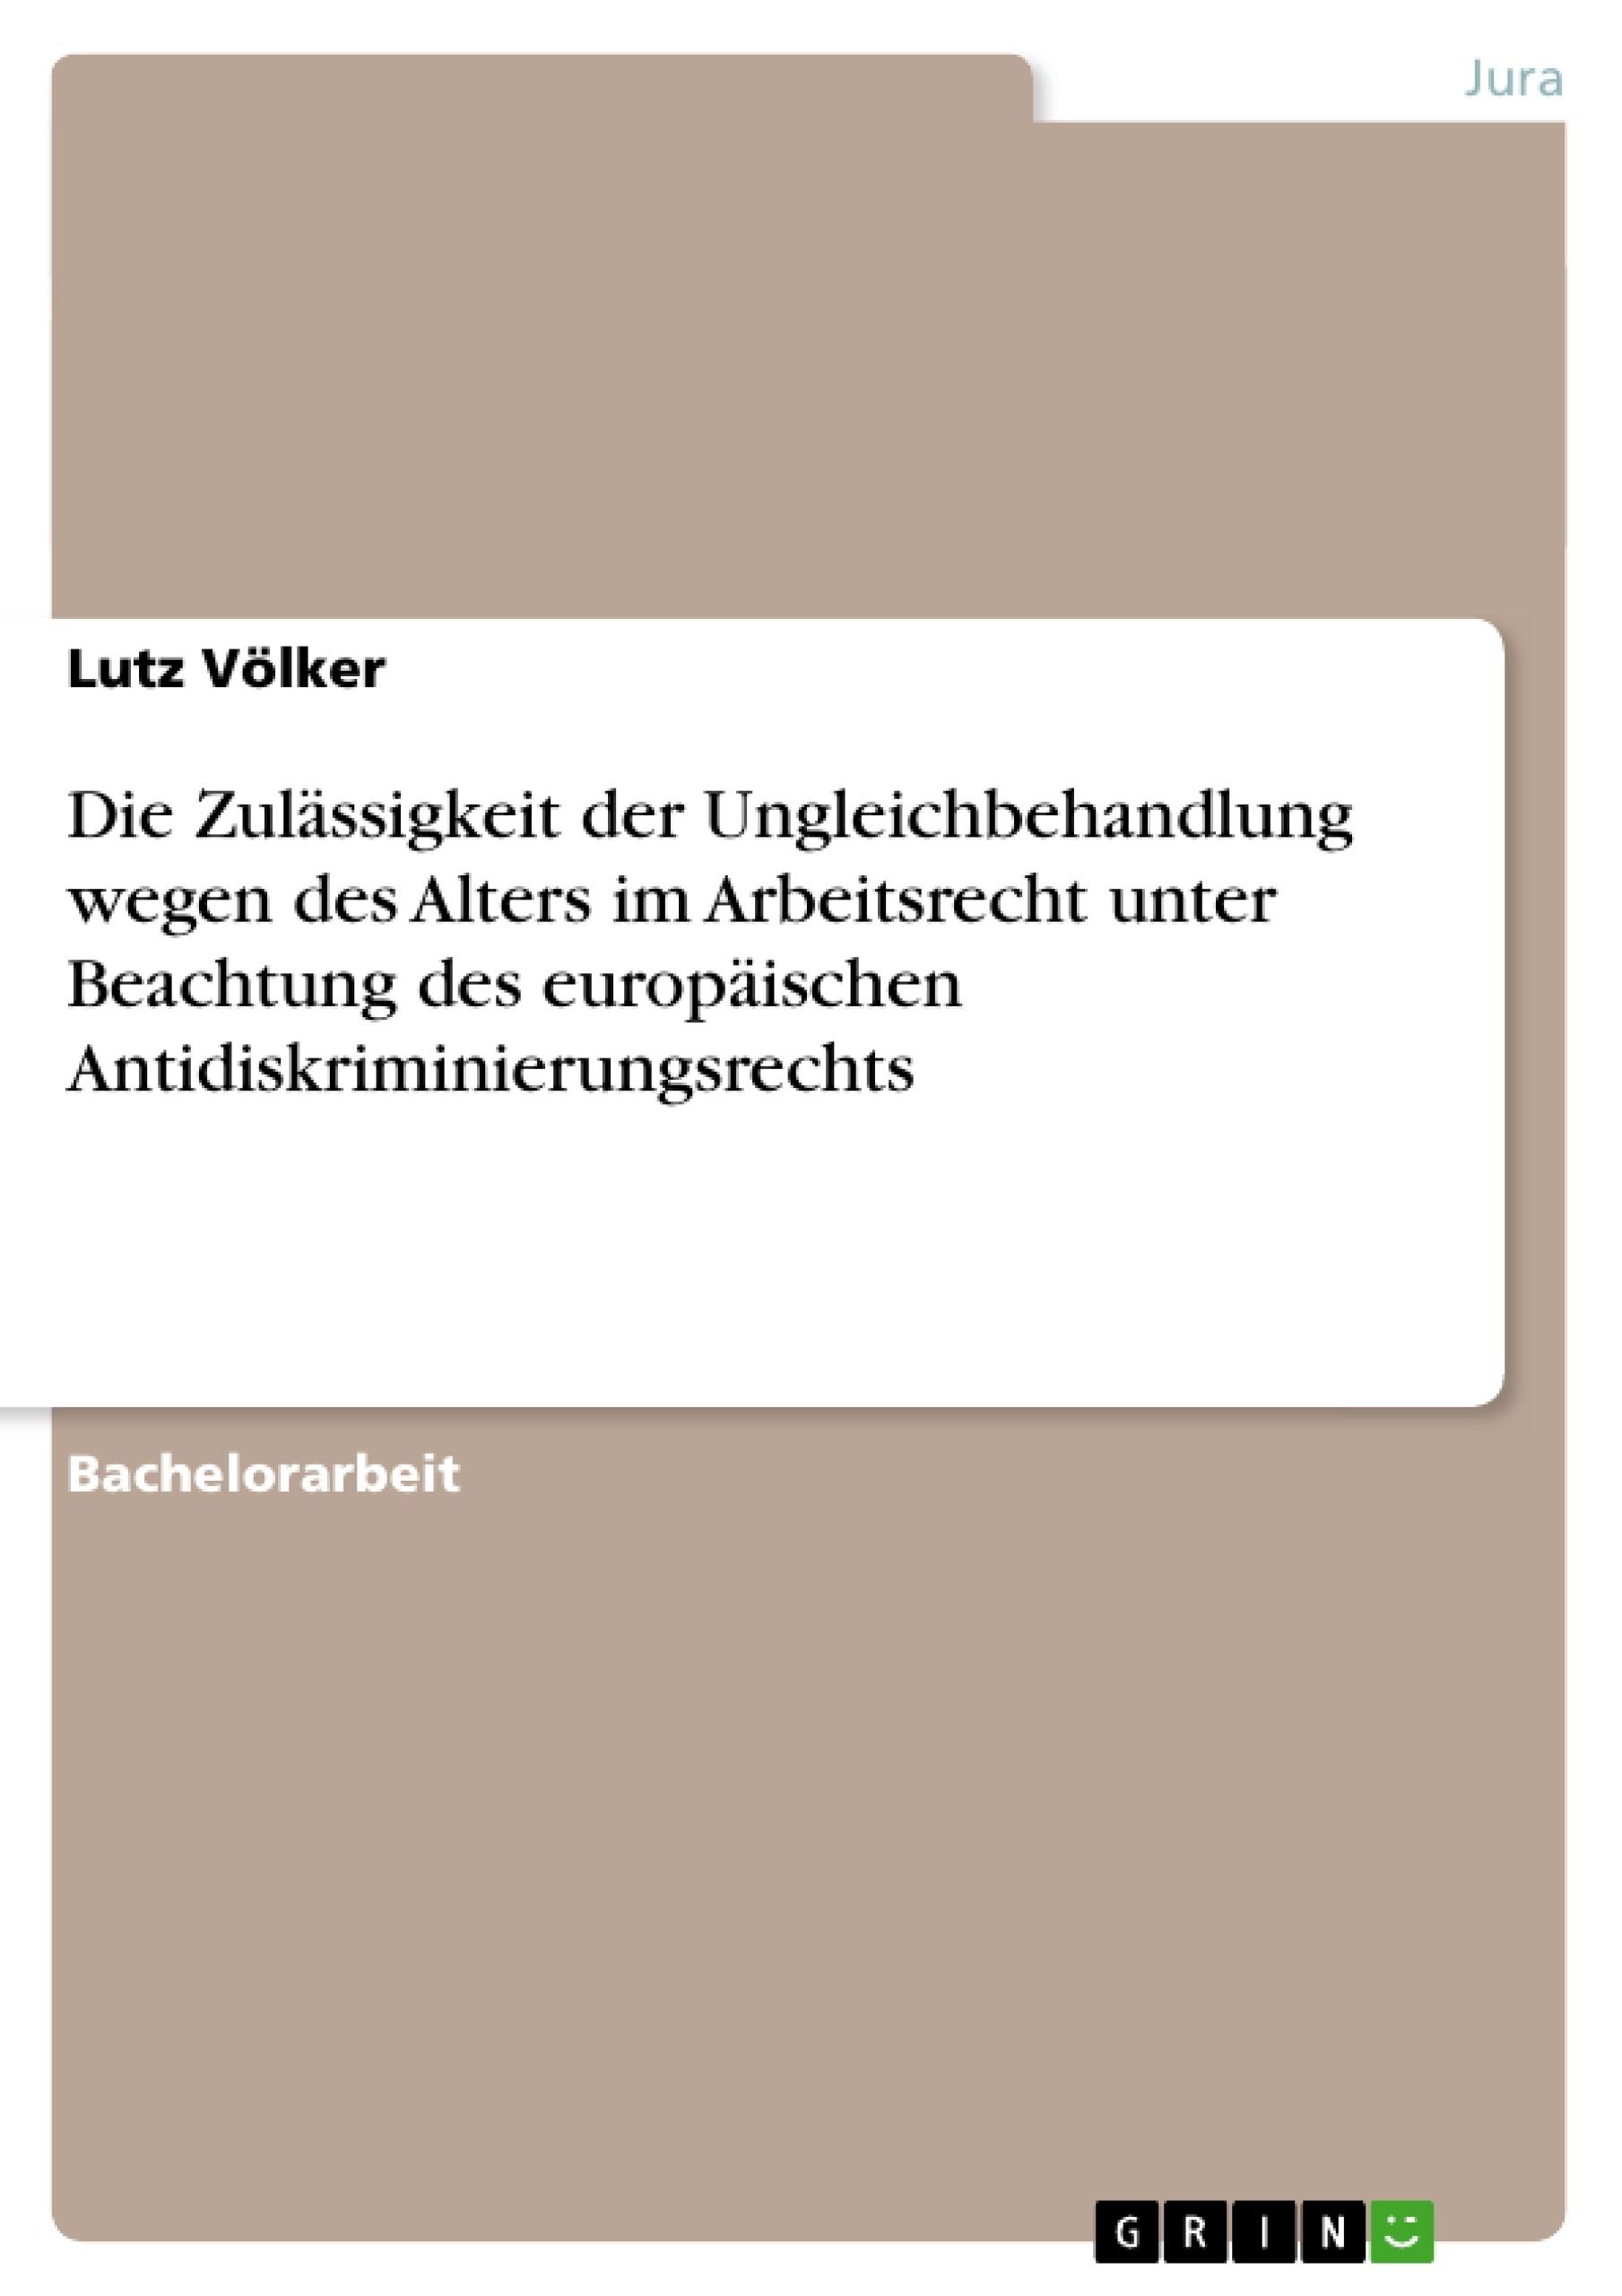 Titel: Die Zulässigkeit der Ungleichbehandlung wegen des Alters im Arbeitsrecht unter Beachtung des europäischen Antidiskriminierungsrechts